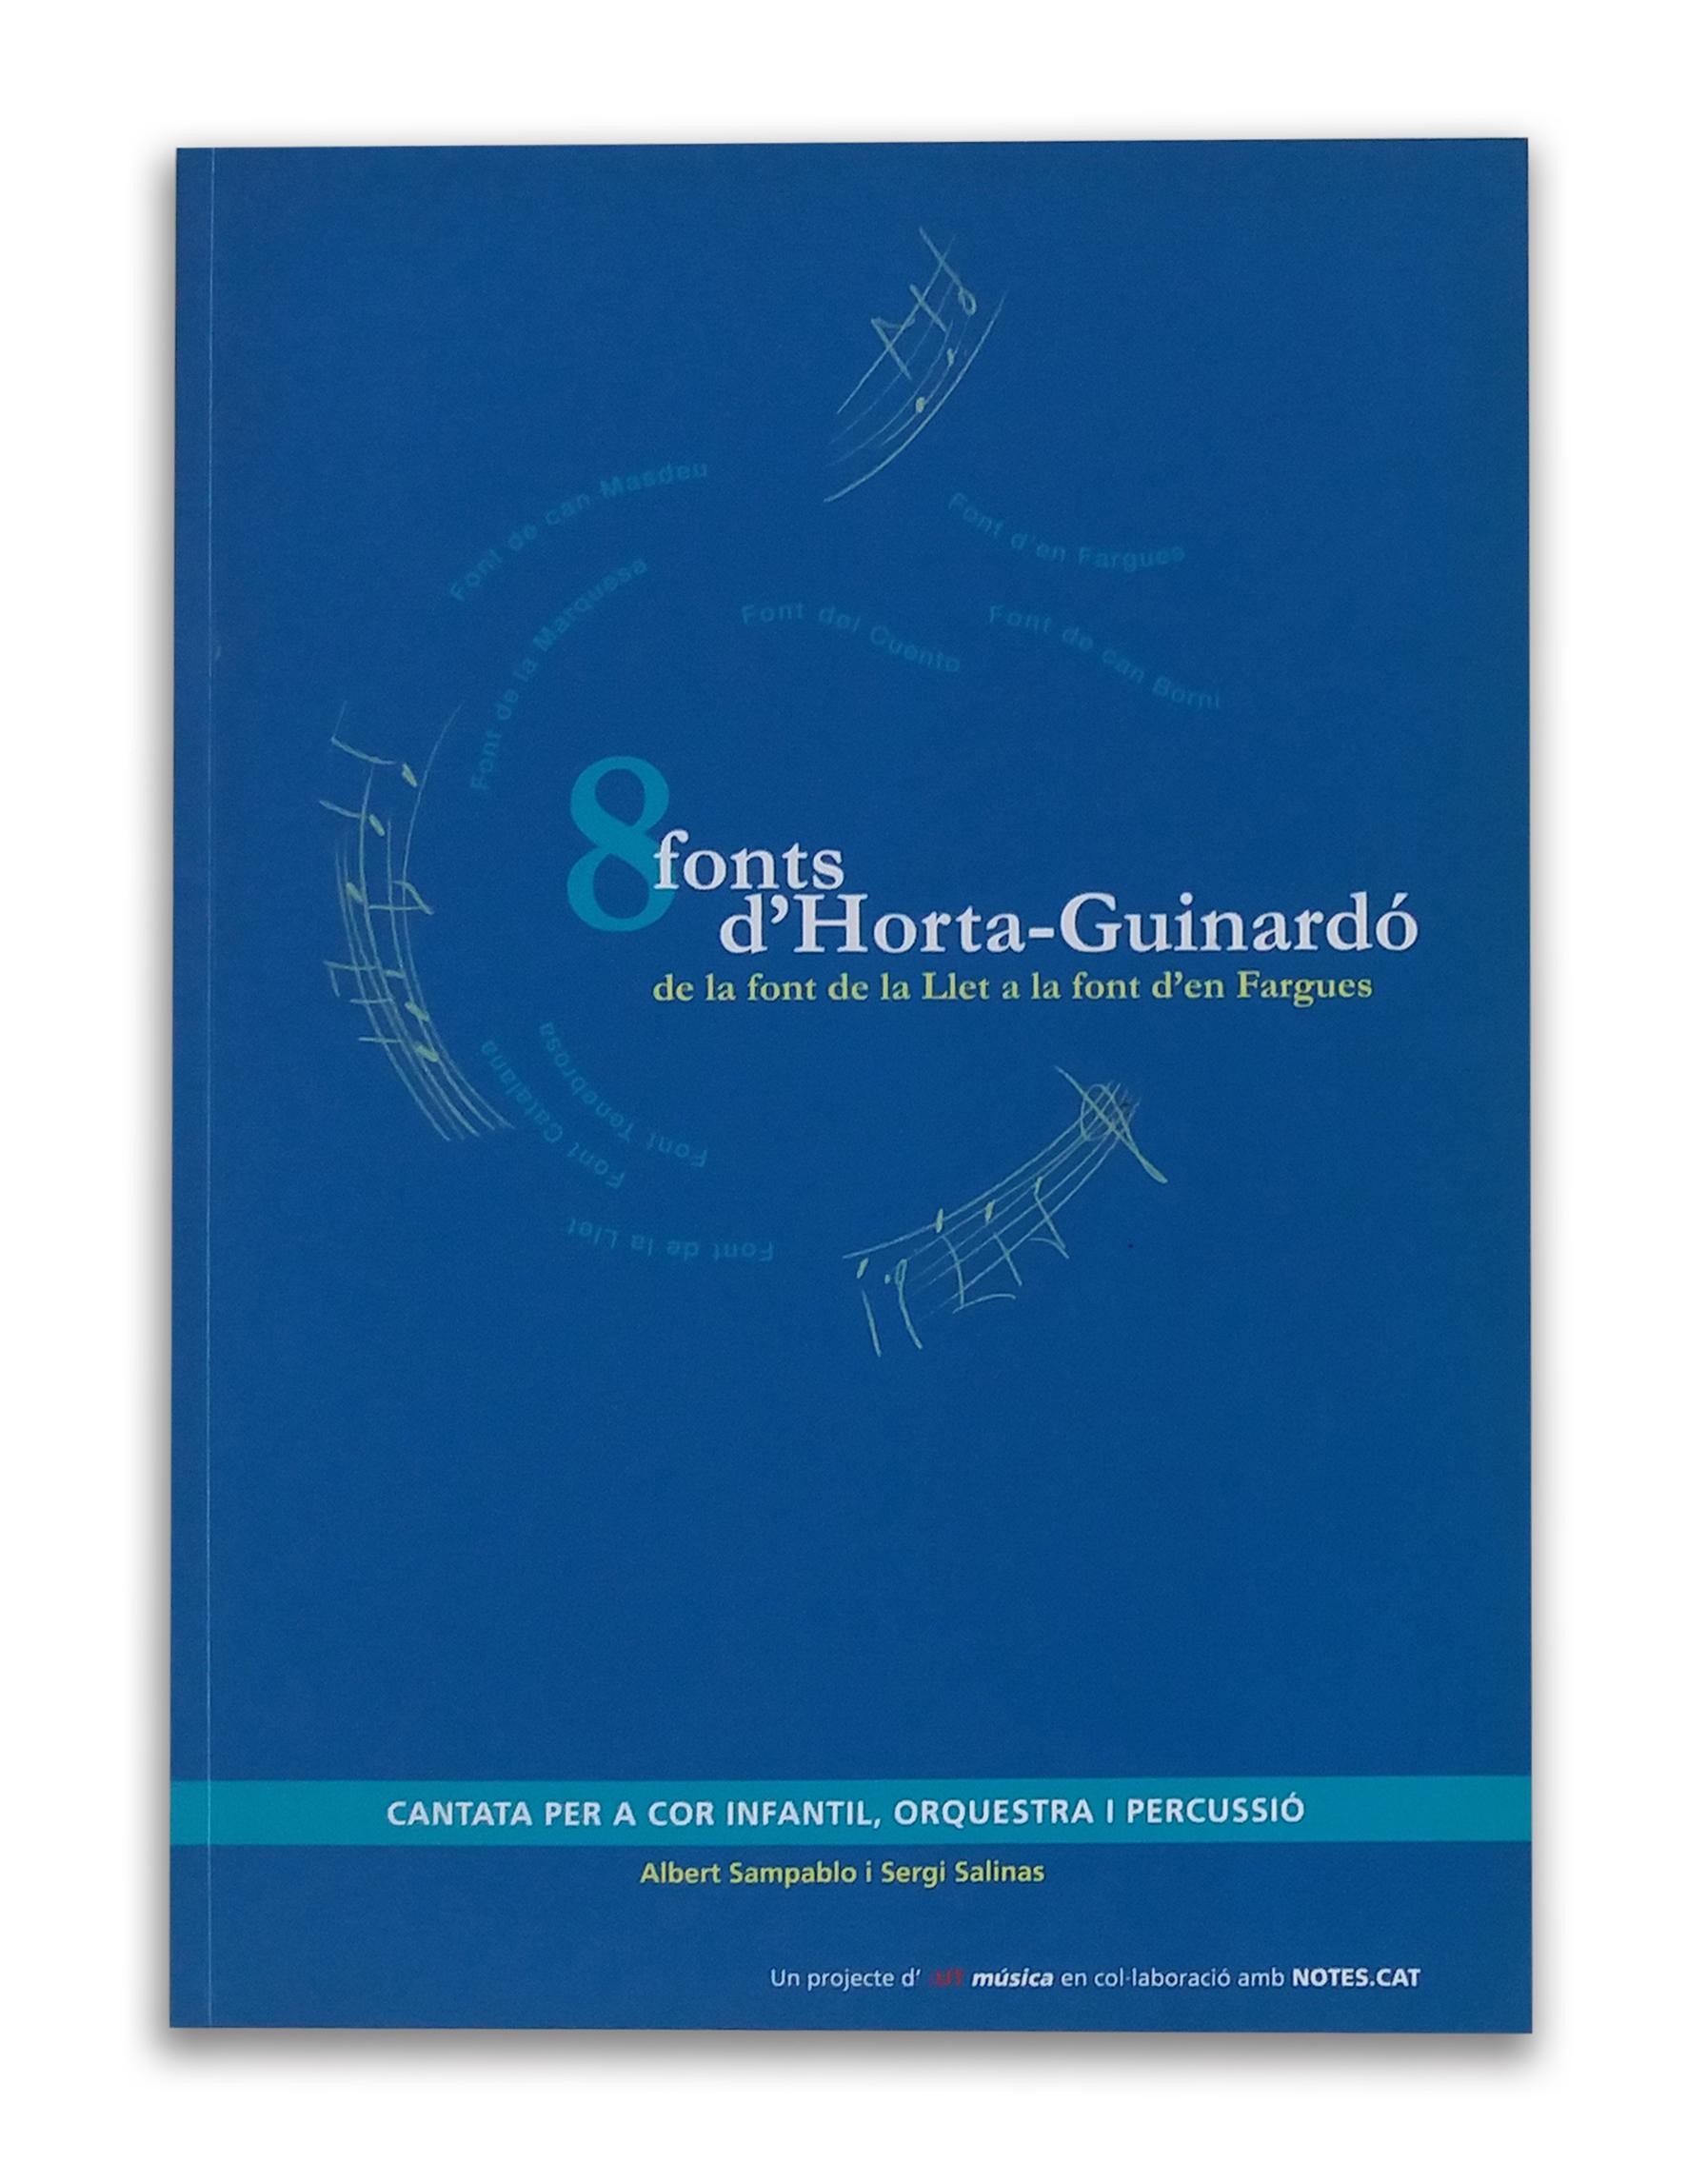 Diseño y maquetación libretos cantata